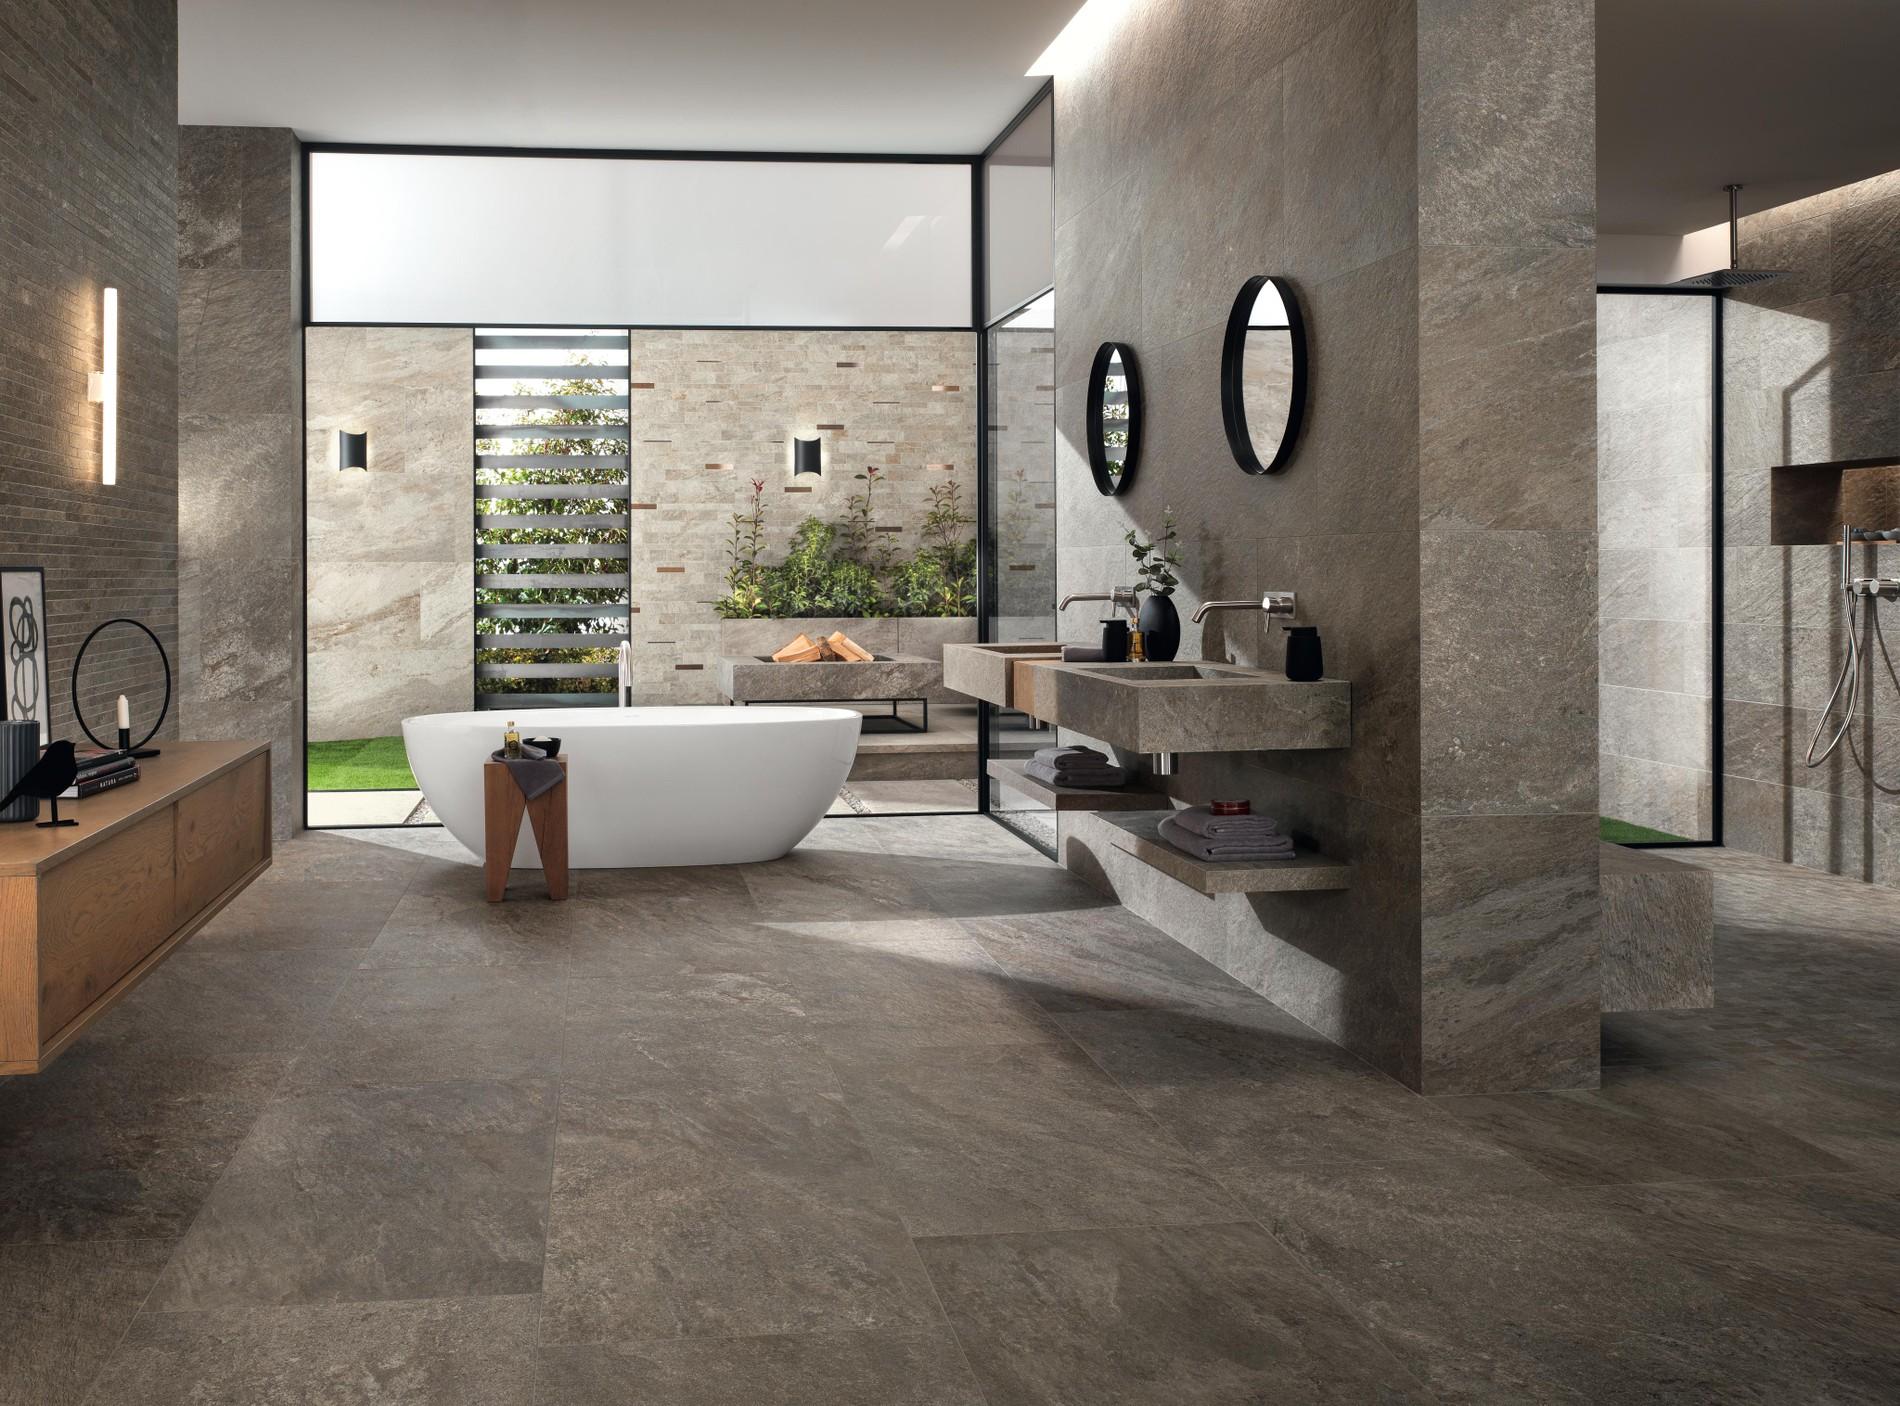 porcelain tiles atlas concorde